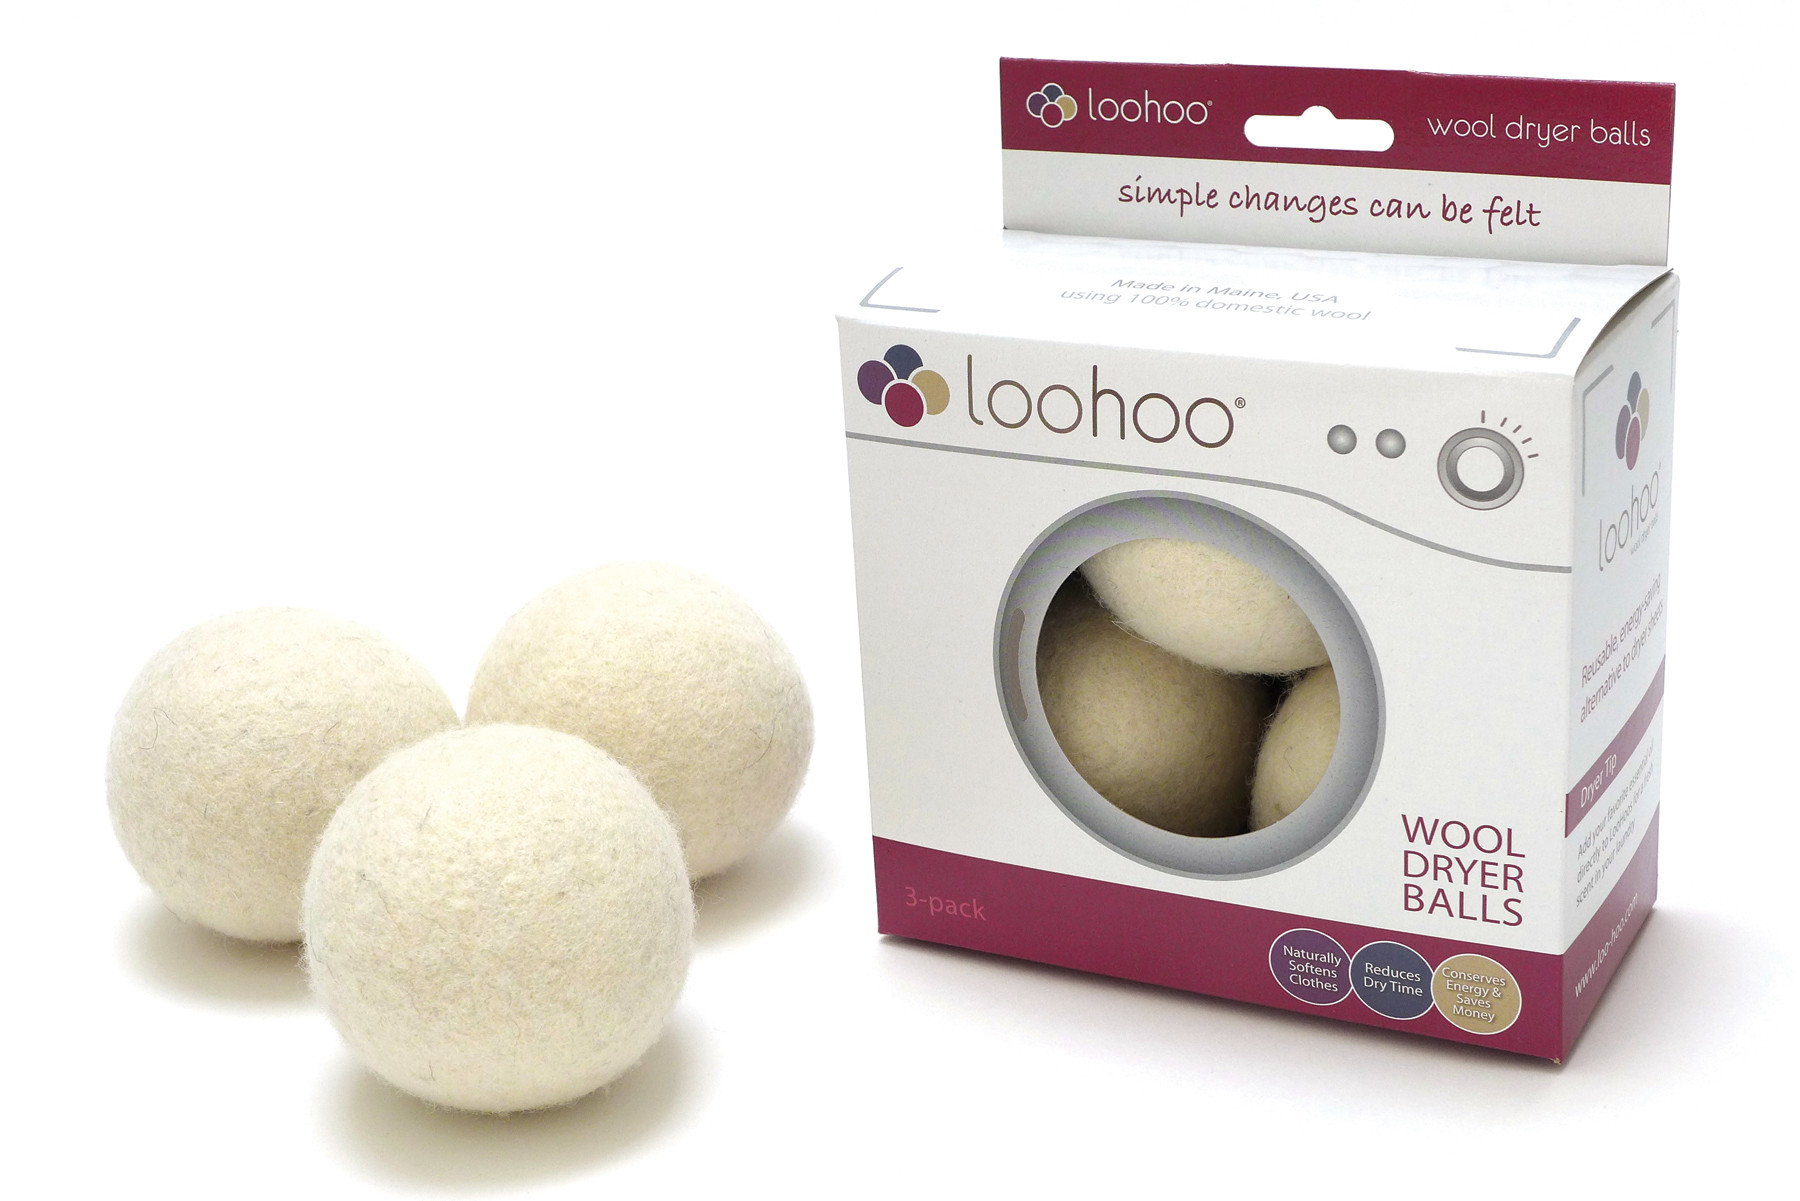 looho box